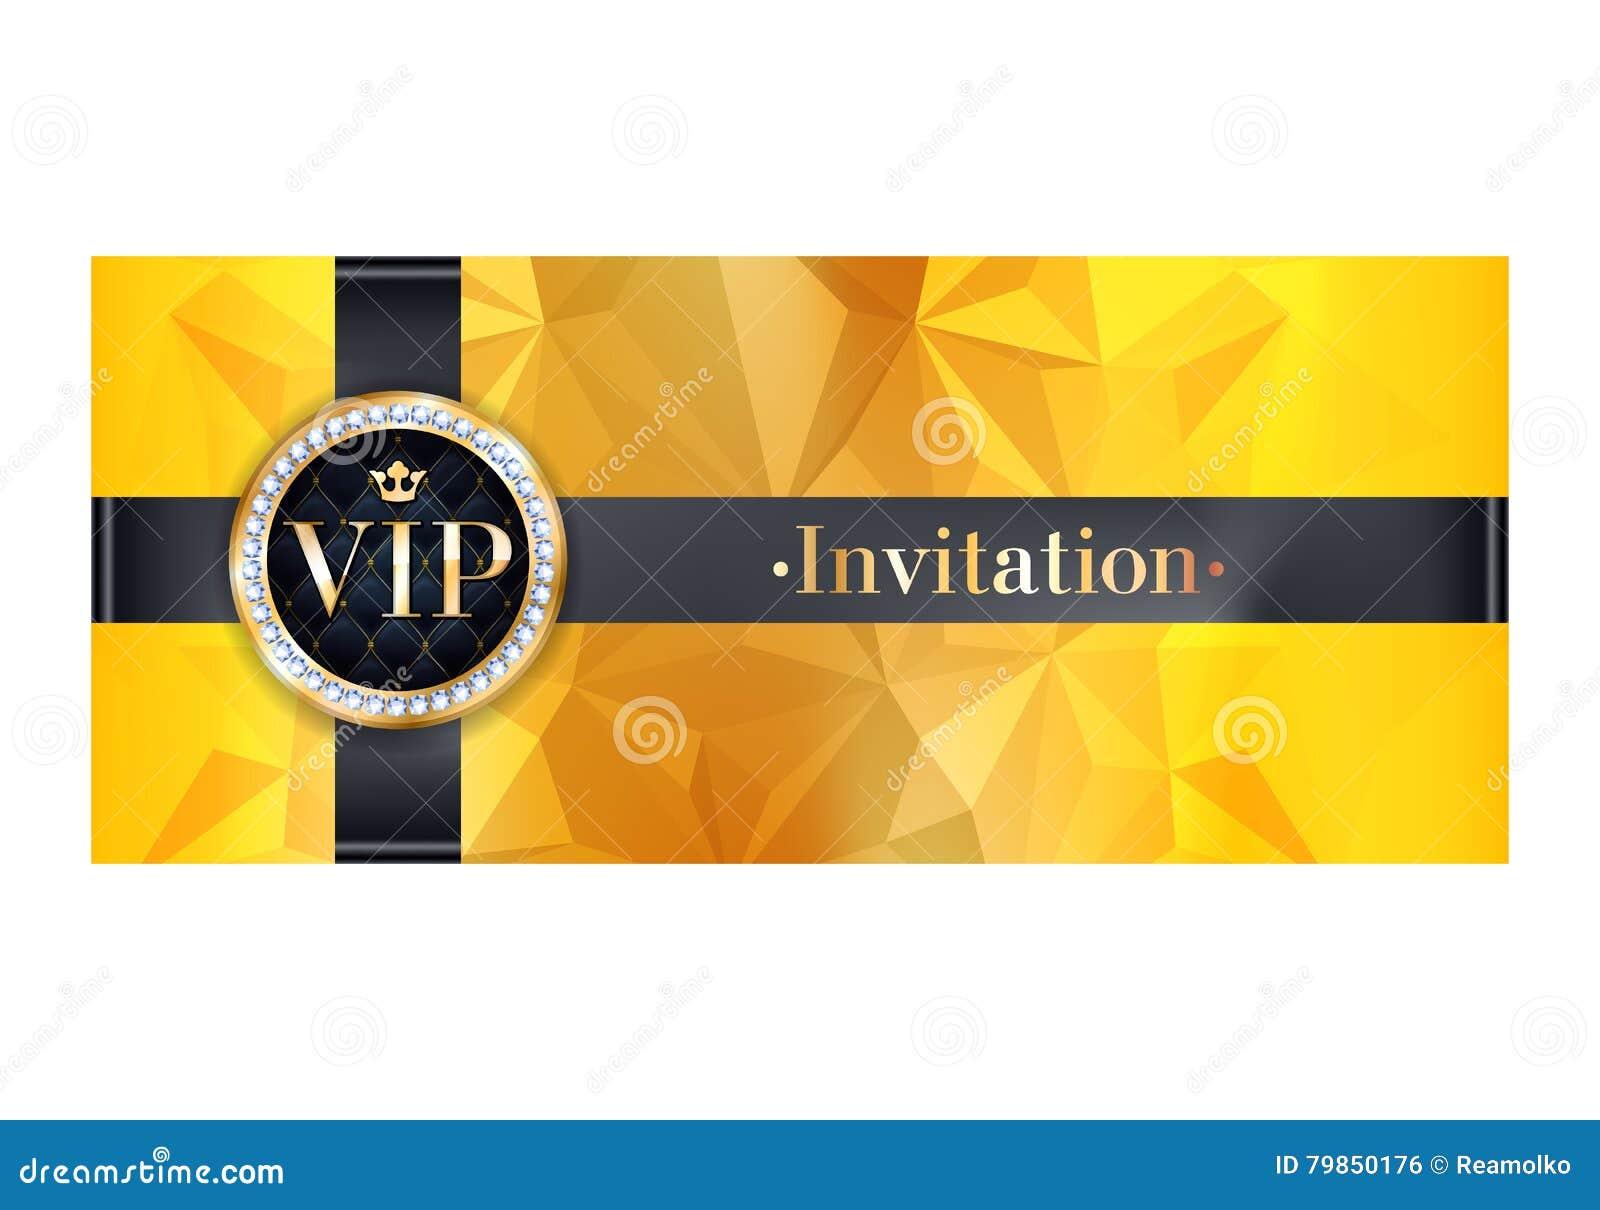 Calibre De La Meilleure Qualite De Conception De Carte D Invitation